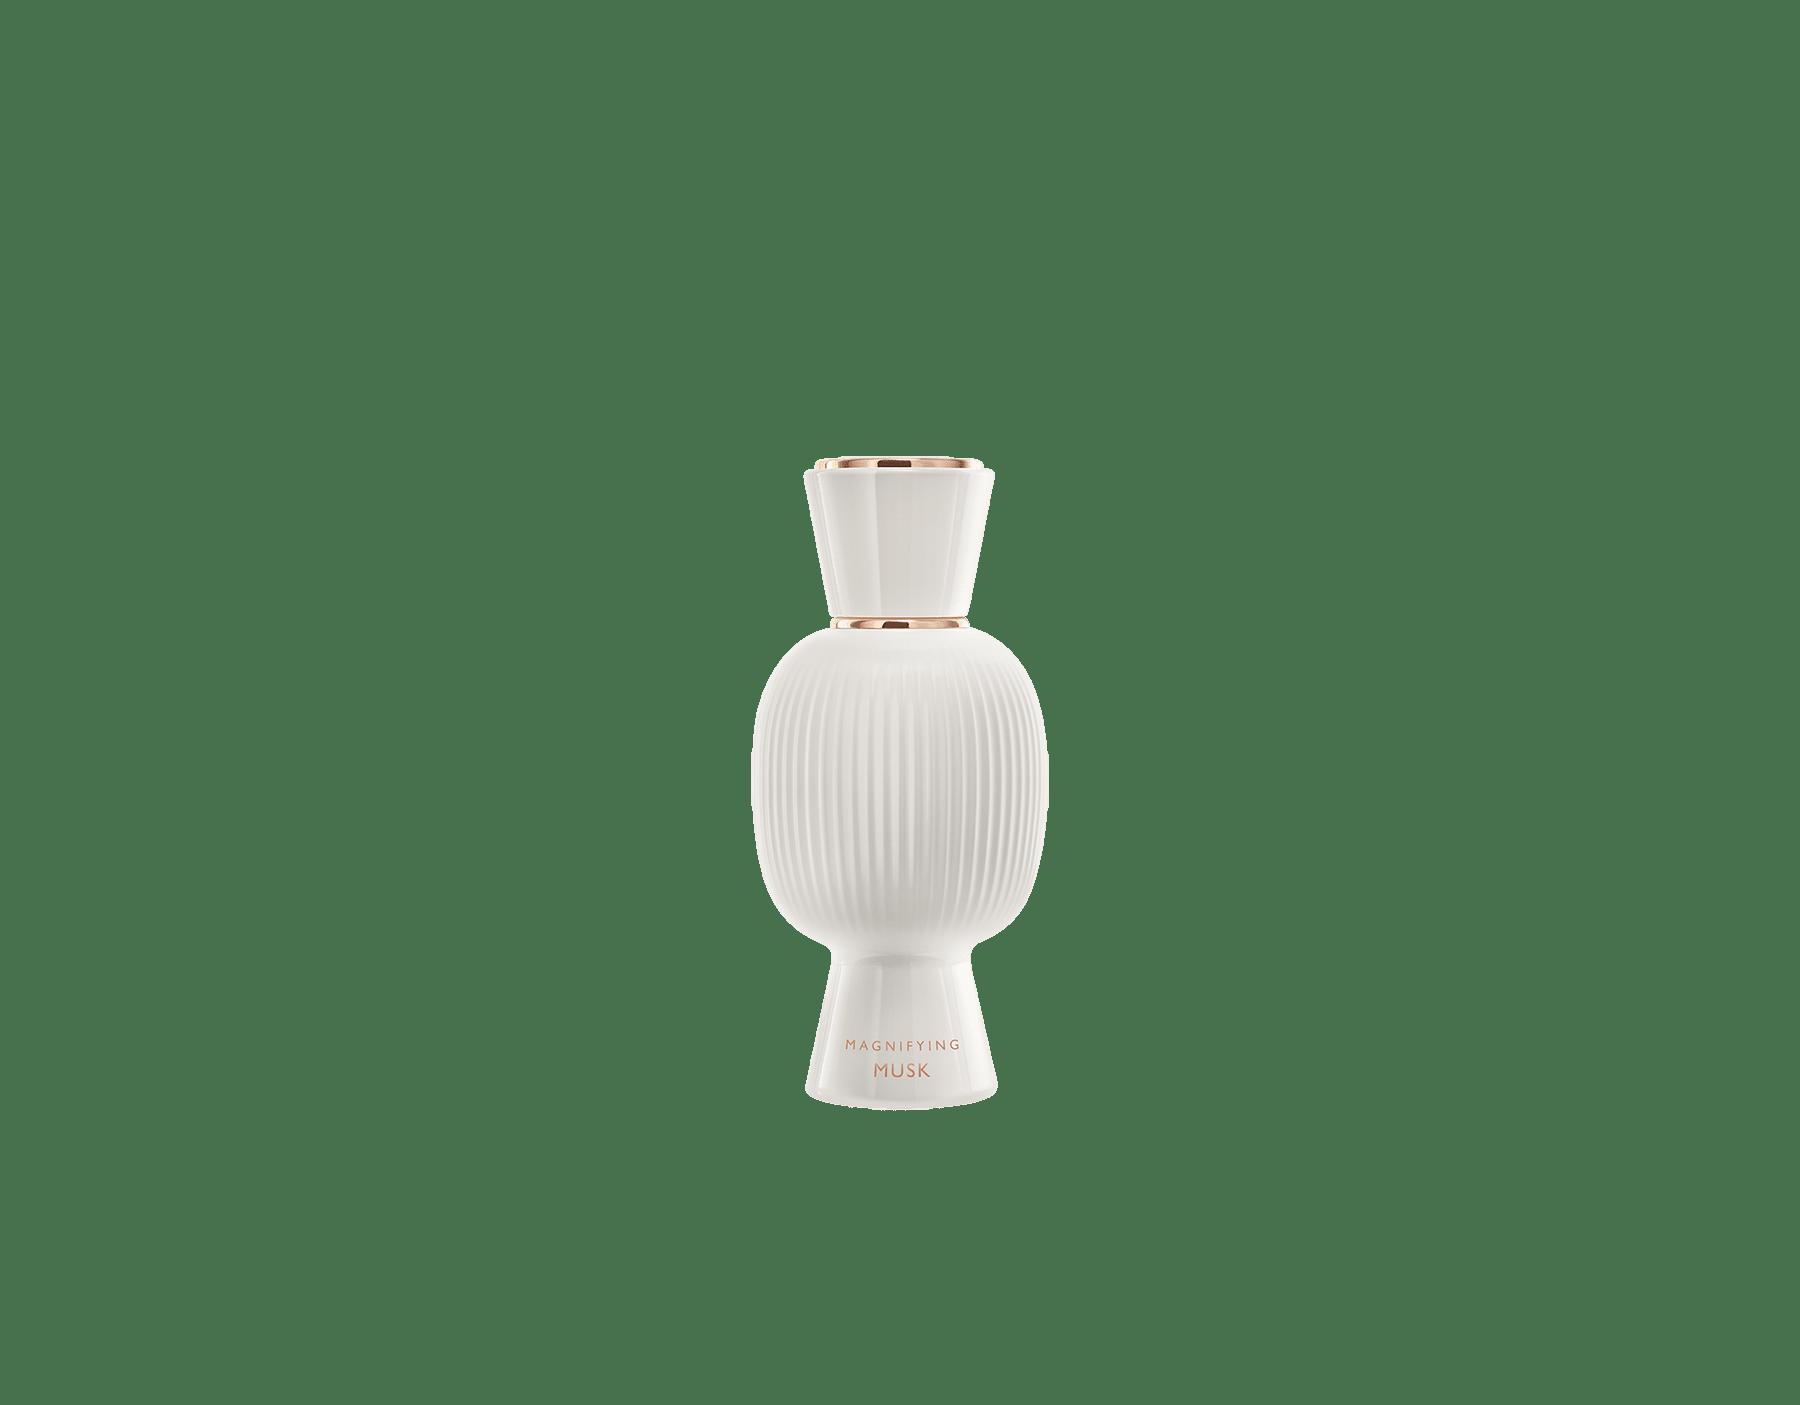 Un coffret de parfums exclusif, aussi unique et audacieux que vous. Magnifique et florale, l'Eau de Parfum Allegra Fiori d'Amore se mêle à la chaleur de l'essence du Magnifying Musk pour donner vie à une irrésistible fragrance personnalisée. Perfume-Set-Fiori-d-Amore-Eau-de-Parfum-and-Musk-Magnifying image 3